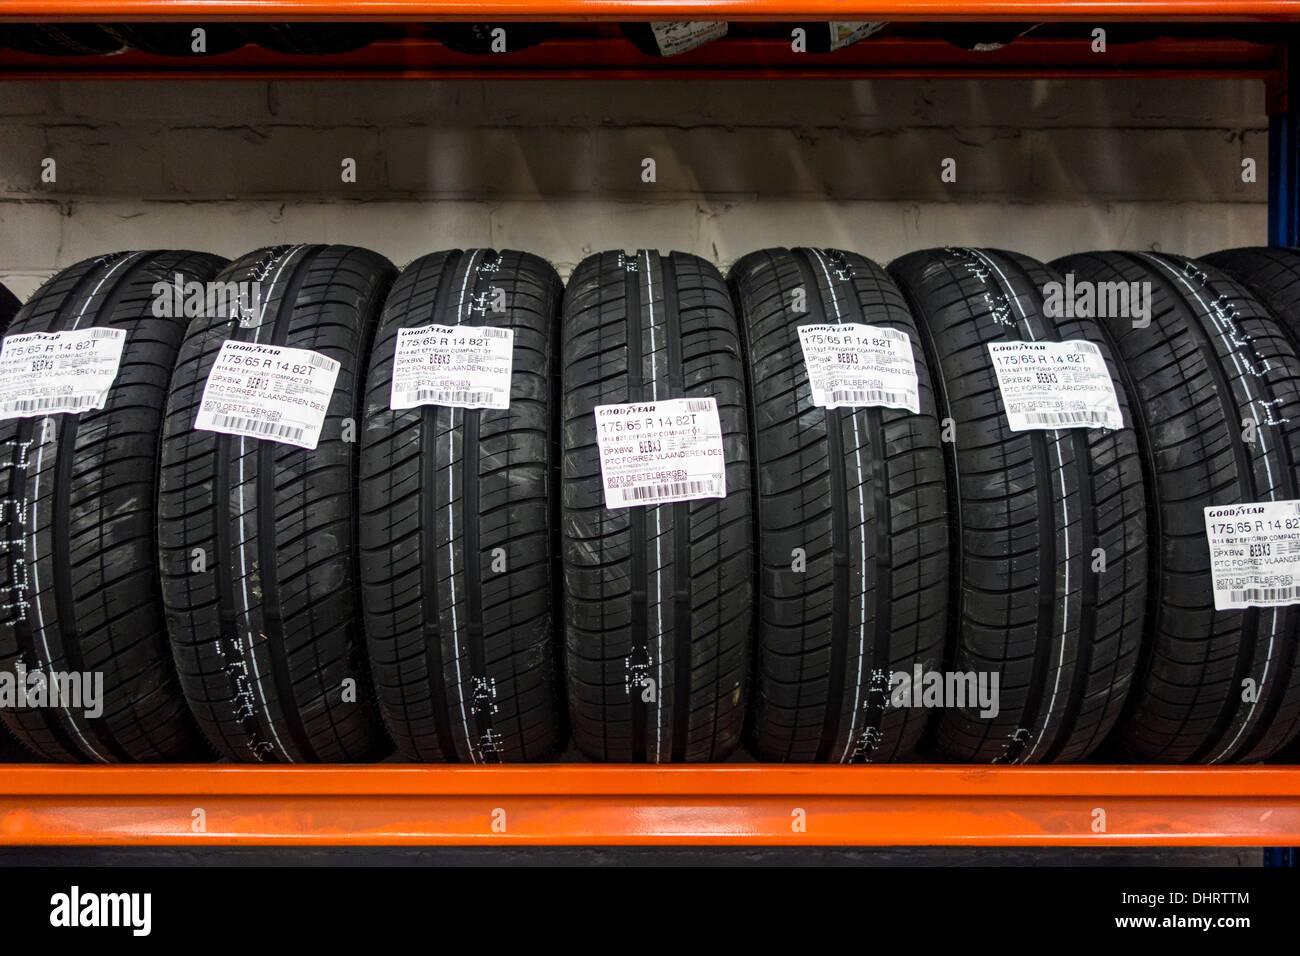 Fila di nuovi pneumatici estivi per autovetture memorizzati sul ripiano in officina del centro del pneumatico Immagini Stock